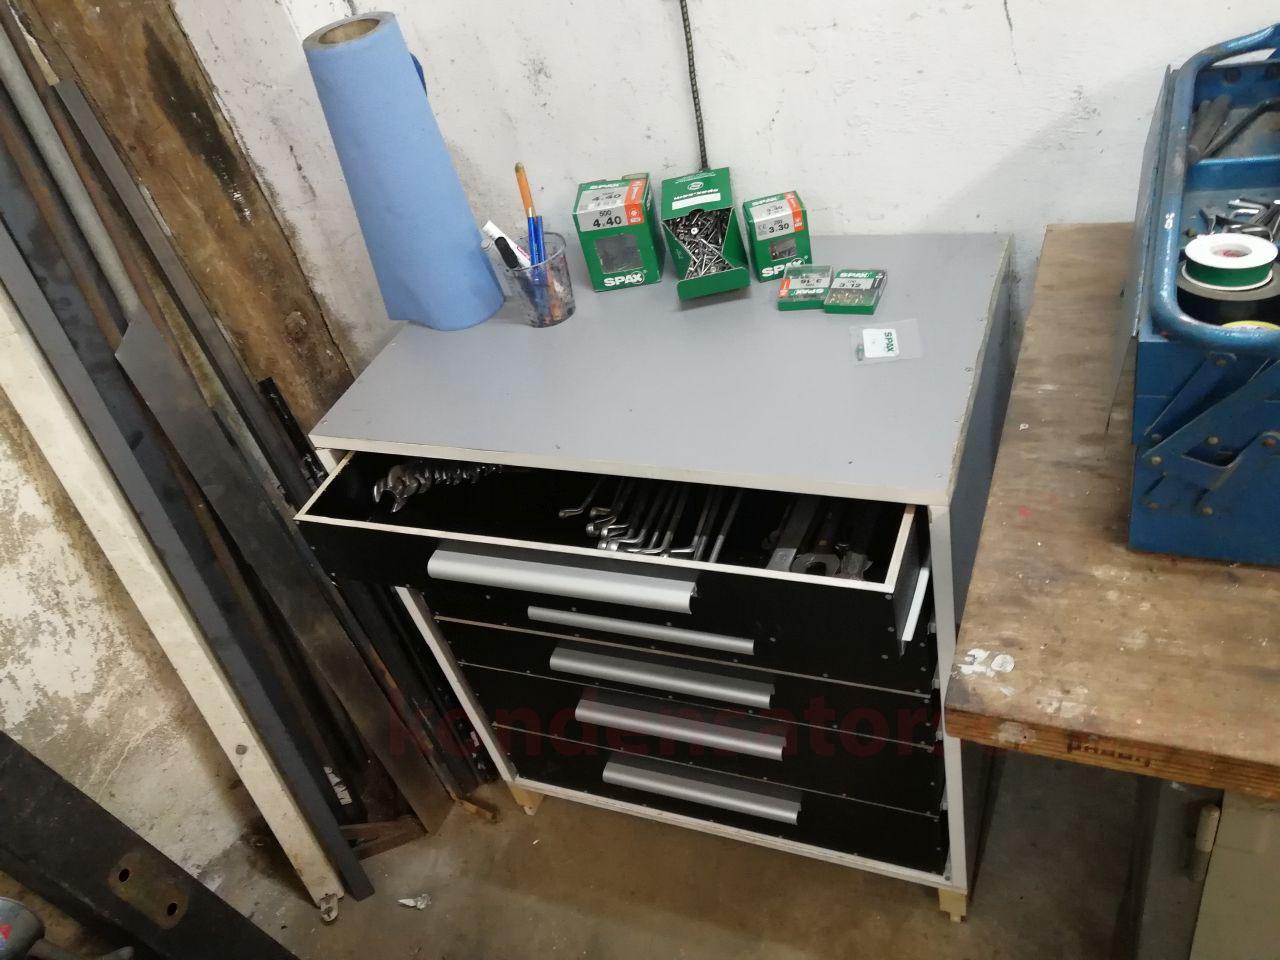 werkzeugwagen selber bauen kp27 startupjobsfa. Black Bedroom Furniture Sets. Home Design Ideas